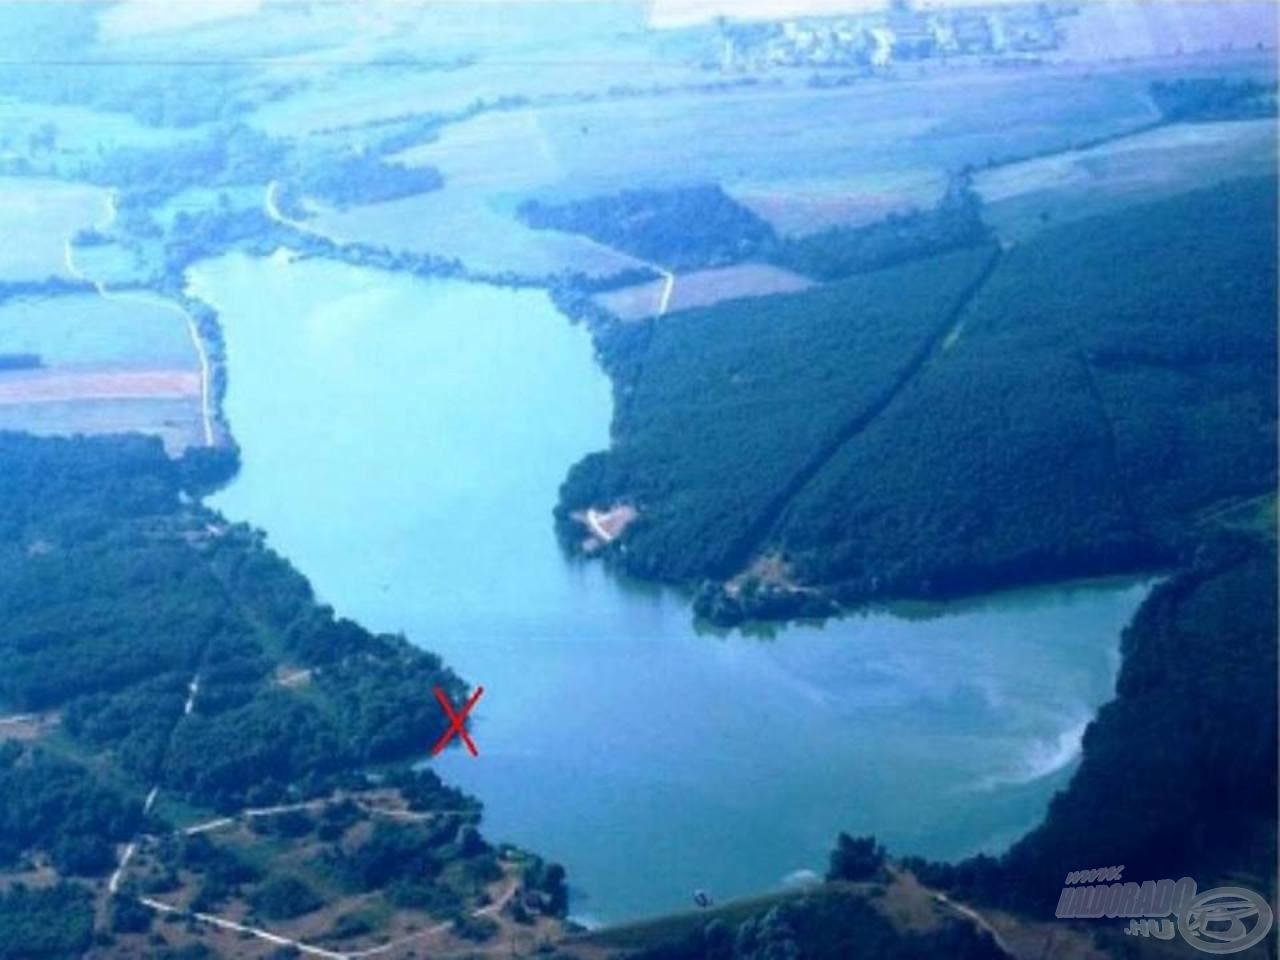 Horgászatunk helyszíne a Széki-tó. Piros X-szel jelöltem a helyet ahova leültünk